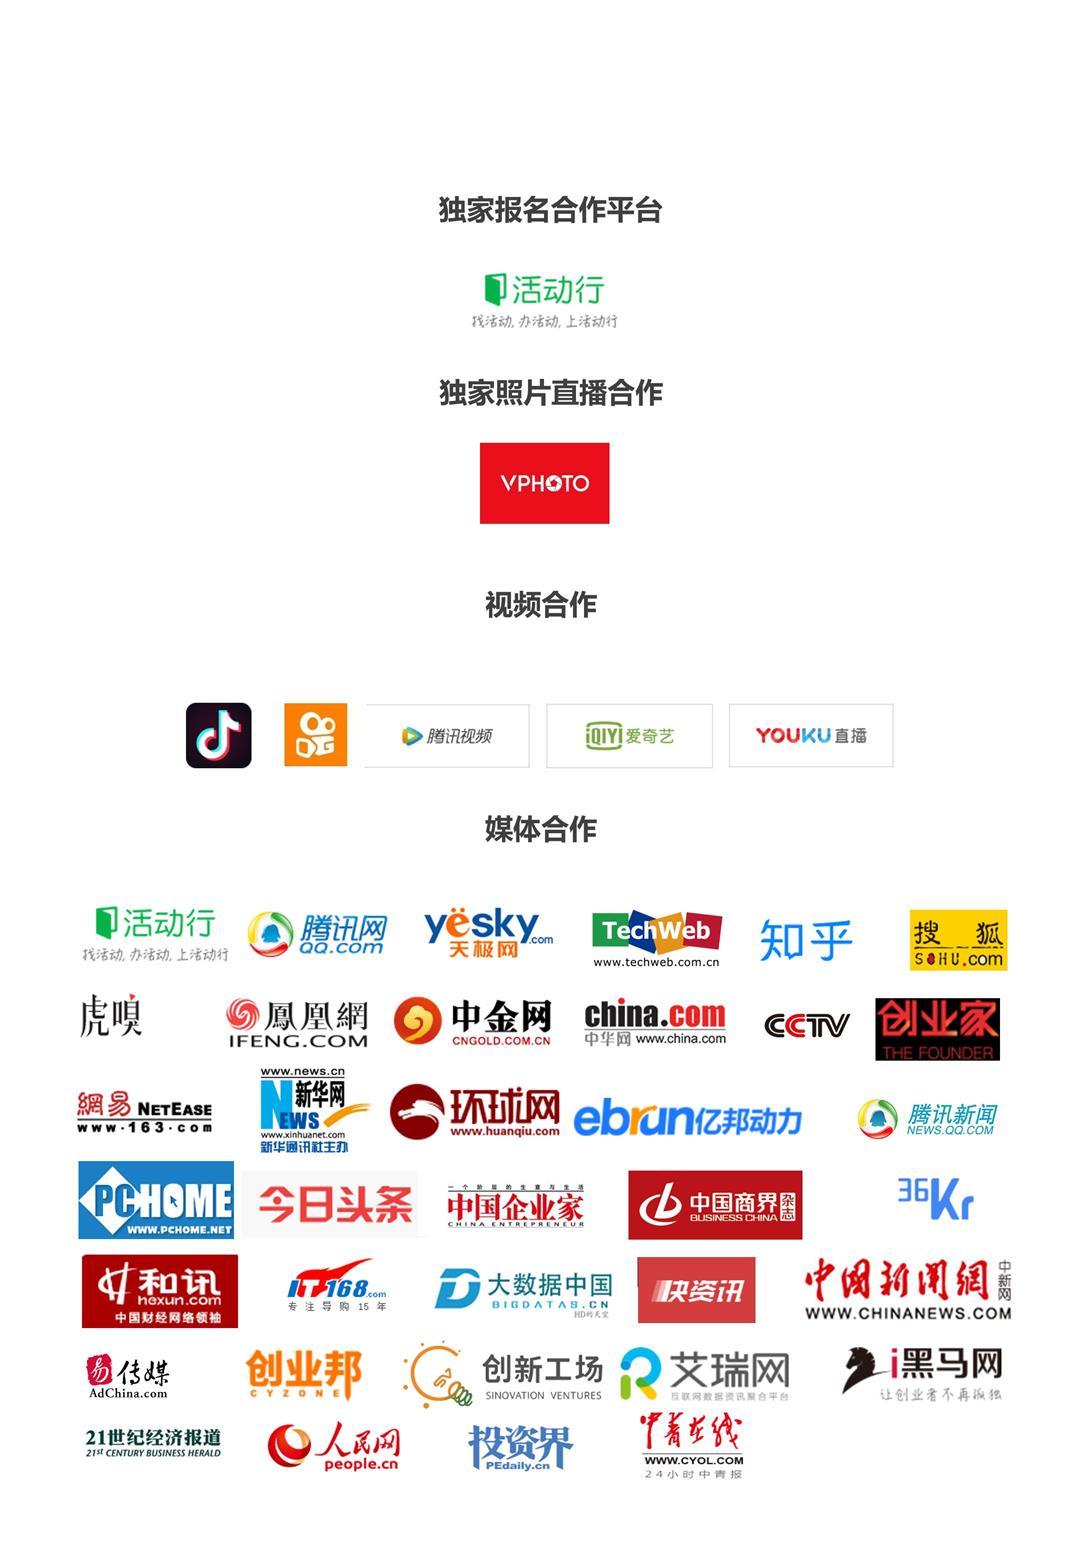 全球创新者大会-社交电商营销峰会(邀请函)_03.jpg